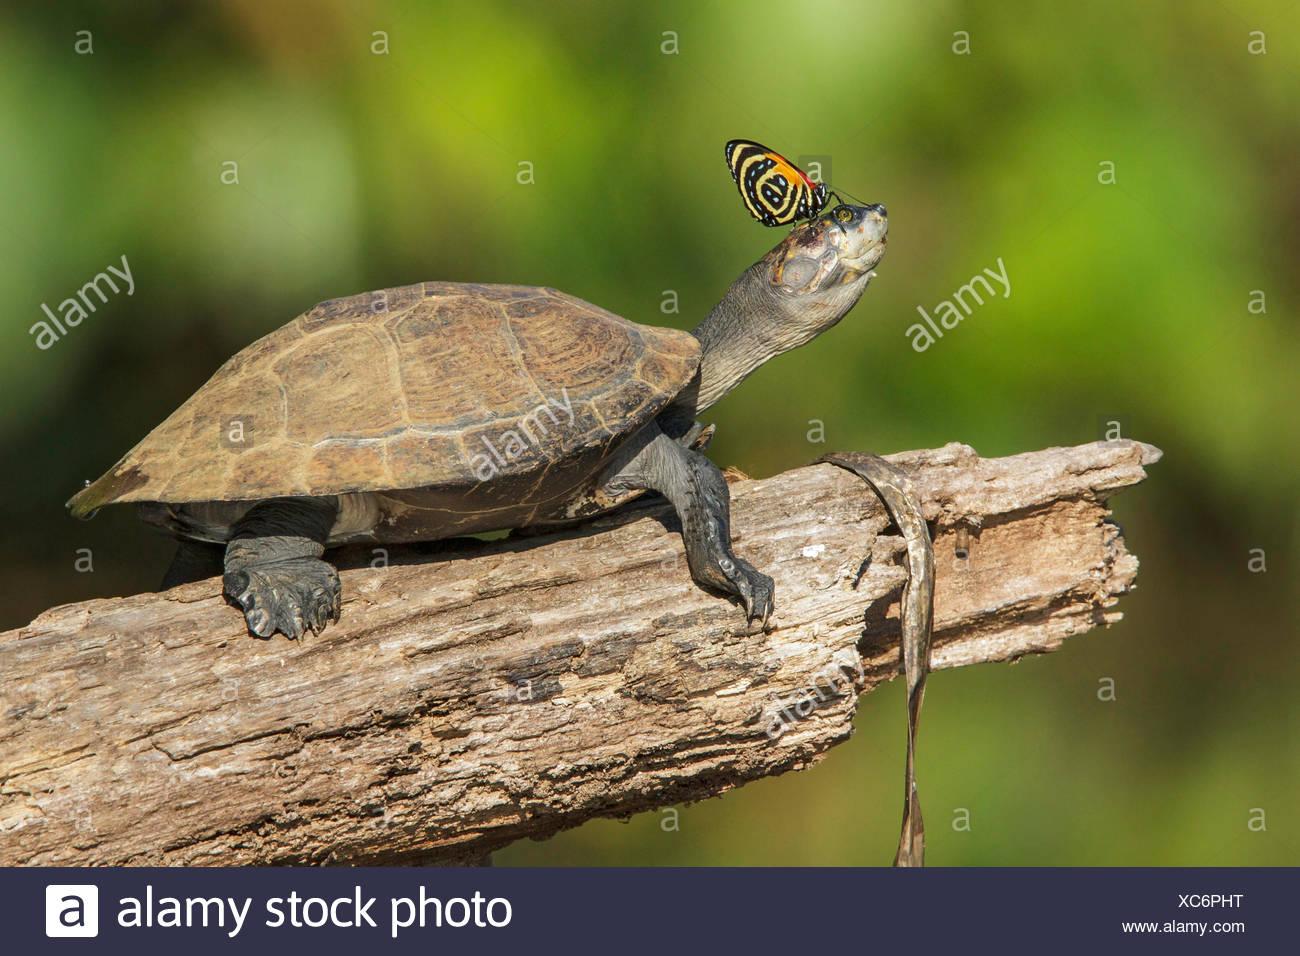 Eine Schildkröte mit einem Schmetterling auf seiner Nase in Manu Nationalpark in Peru. Stockbild